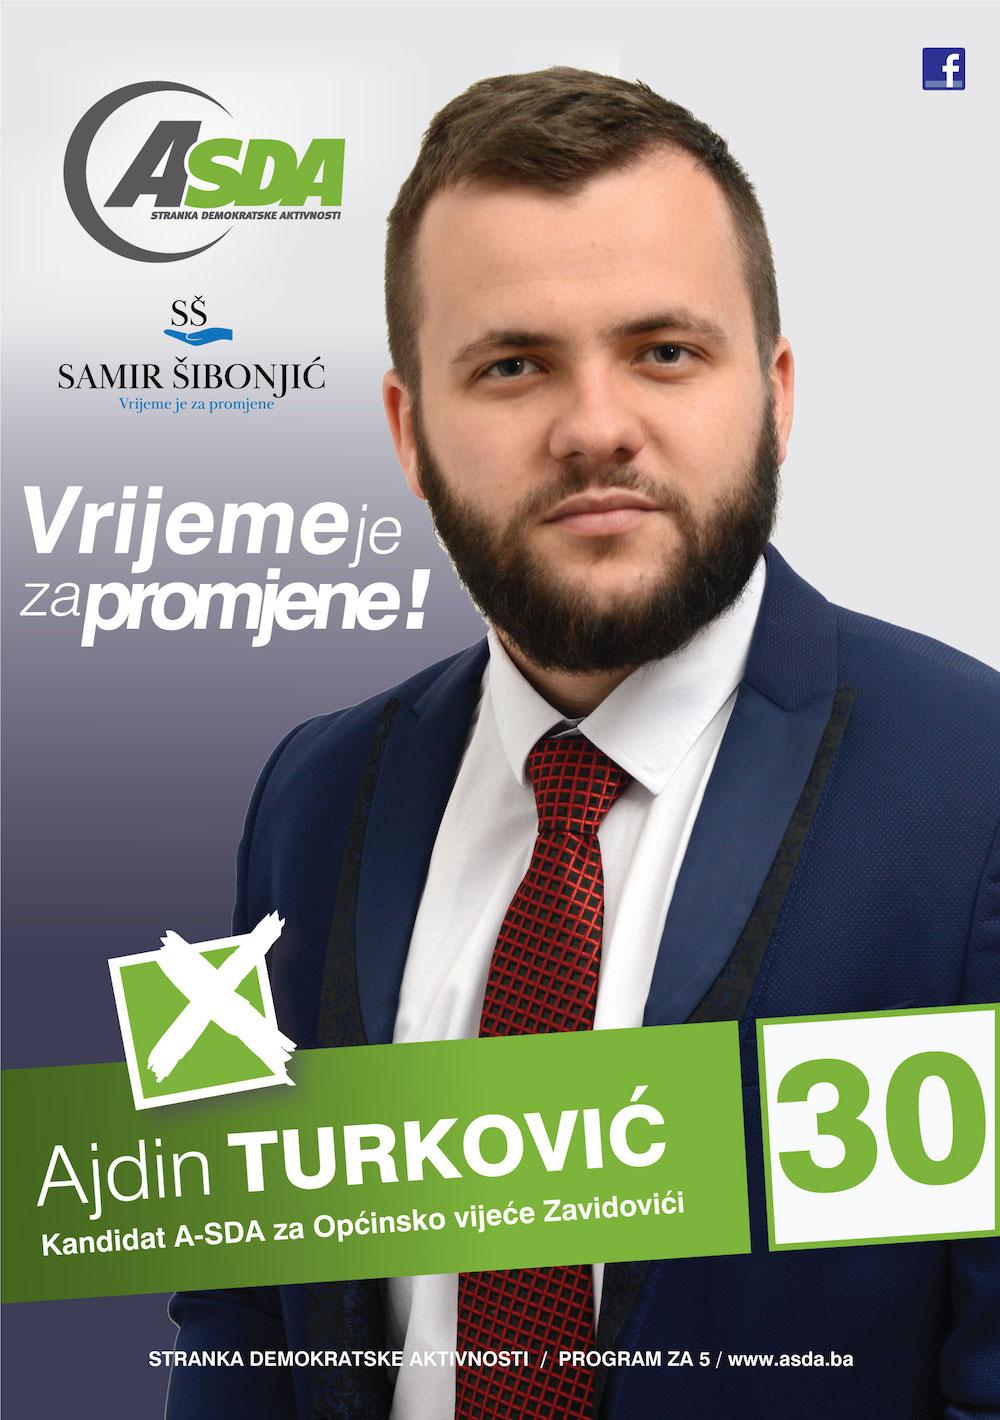 Ajdin Turković